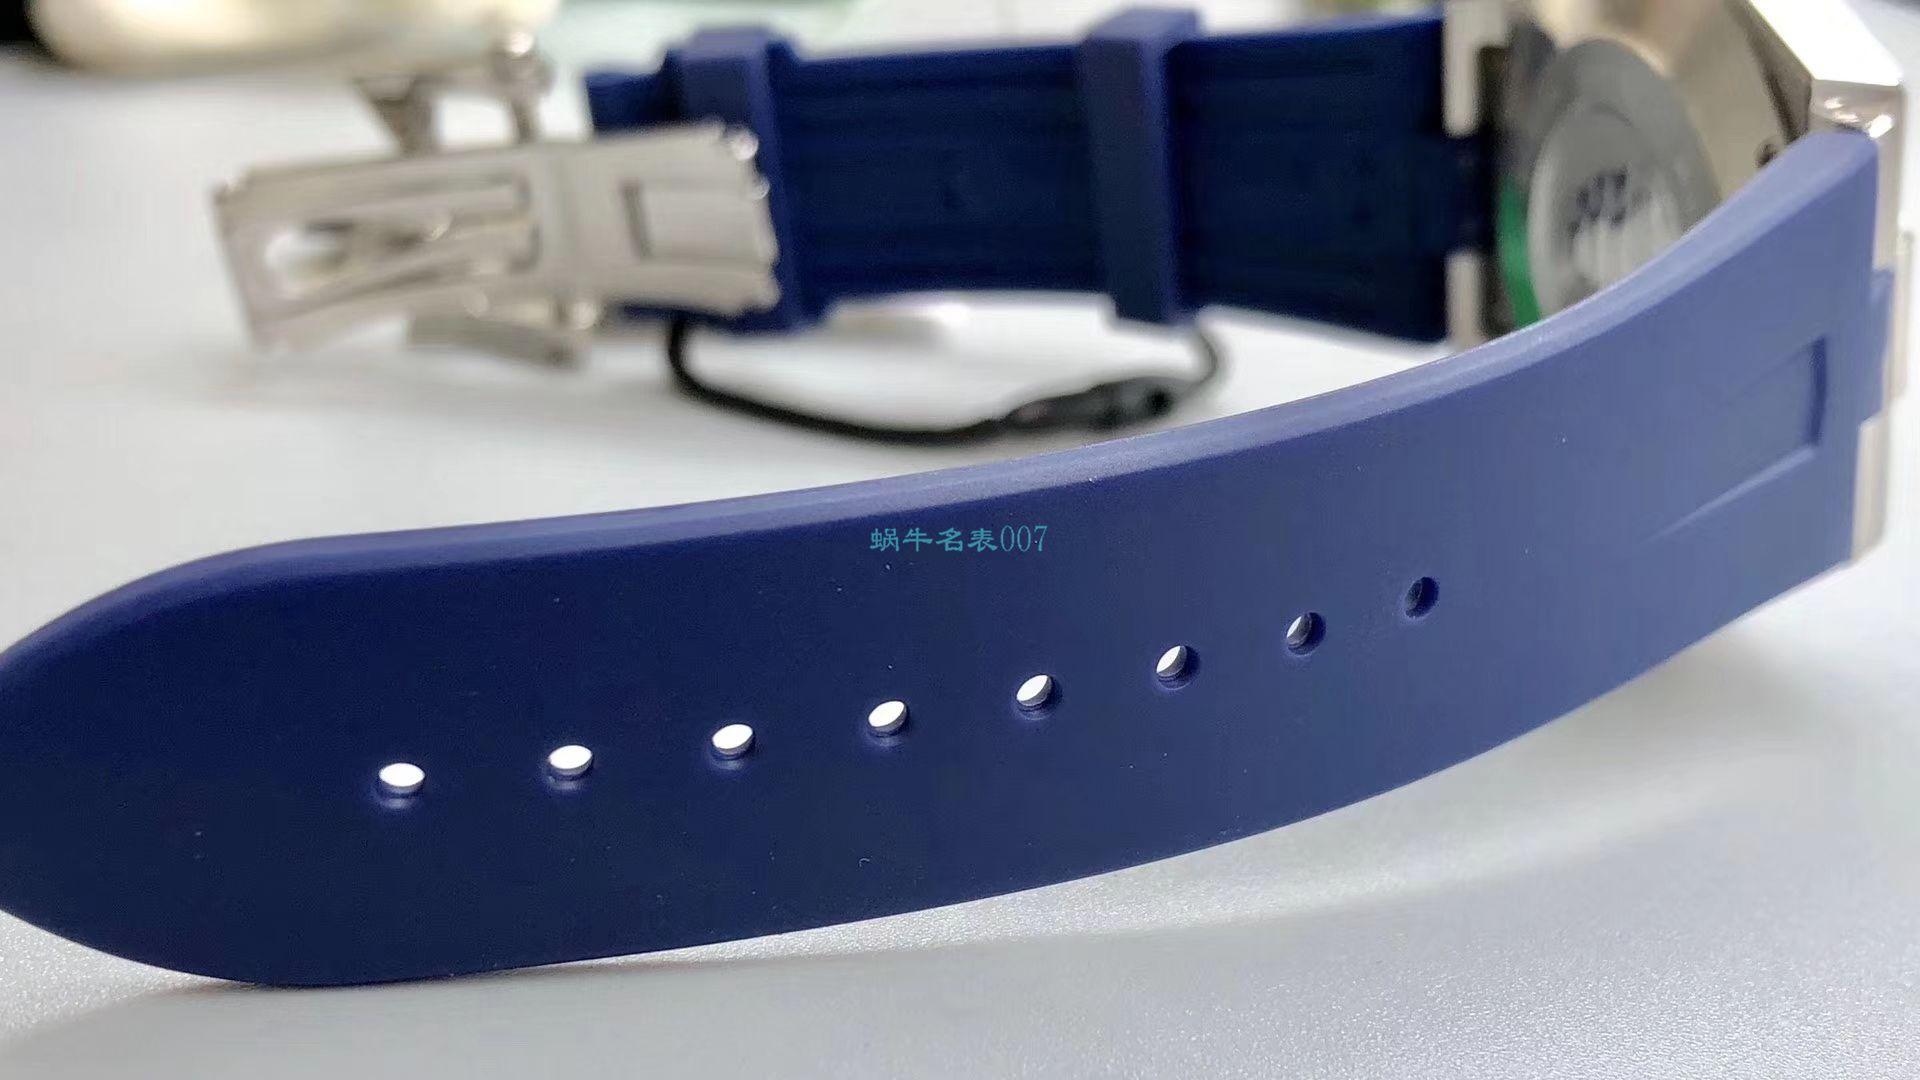 8F厂超A复刻江诗丹顿纵横四海系列47040/000R-9666腕表 / JS211